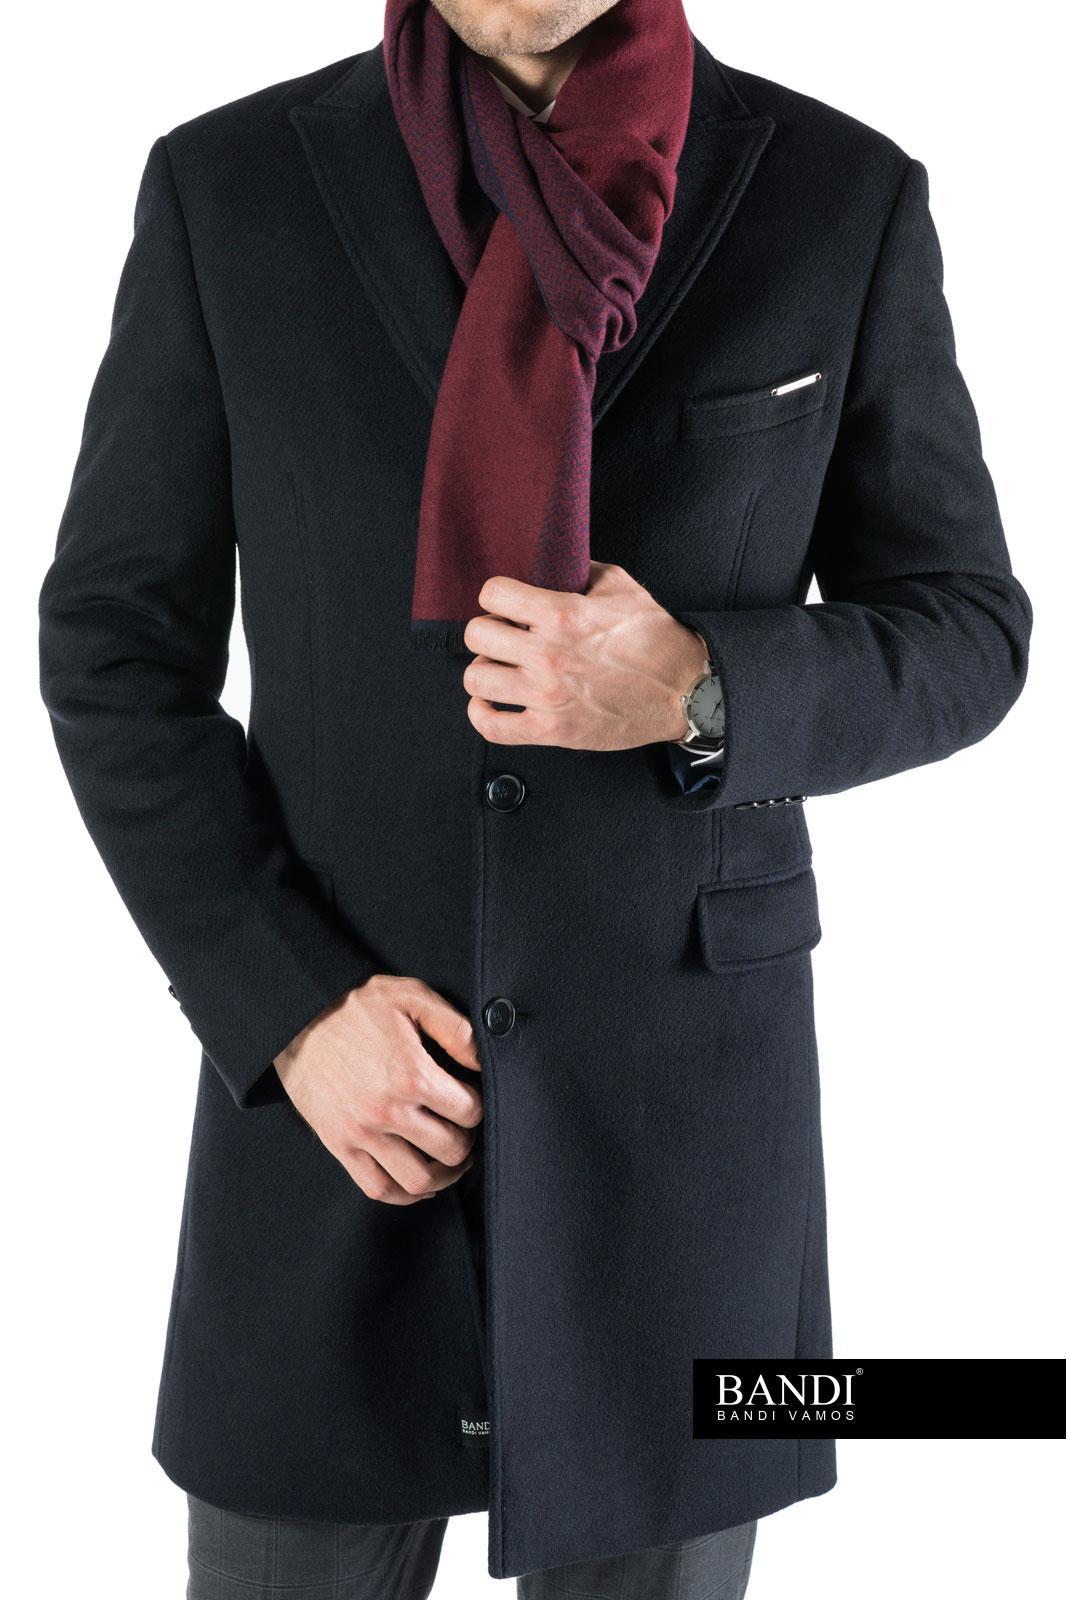 Příklad správného kabátu – 2